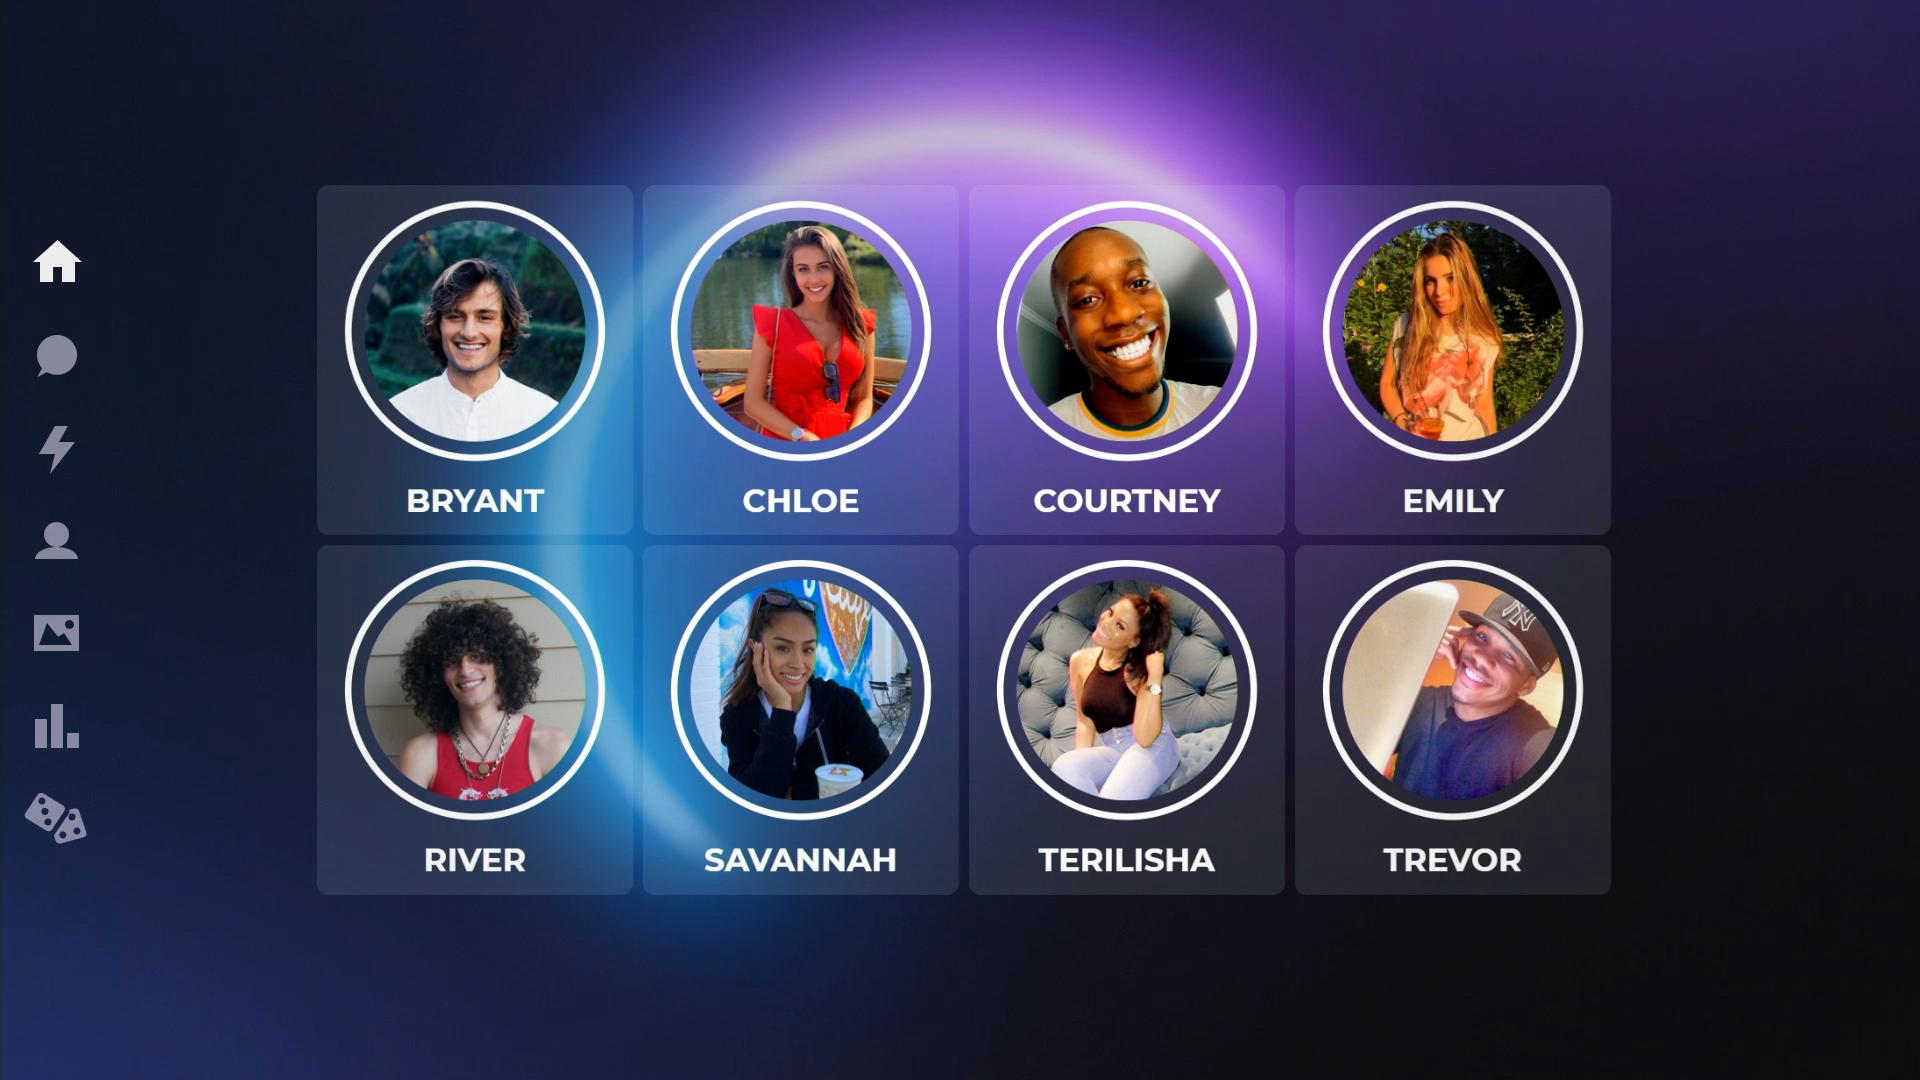 Imagem do reality show The Circle. Na imagem, de fundo azul escuro, podemos ver ao centro 8 fotos dos participantes do reality show, com seus nomes - BRYANT, CHLOE, COURTNEY, EMILY, RIVER, SAVANNAH, TERILISHA E TREVOR - em baixo de suas respectivas fotos. Ao lado esquerdo, temos um menu que indica as páginas disponíveis do circle - FEED, CHAT, PARTICIPANTES, FOTOS, RANKING E JOGOS.